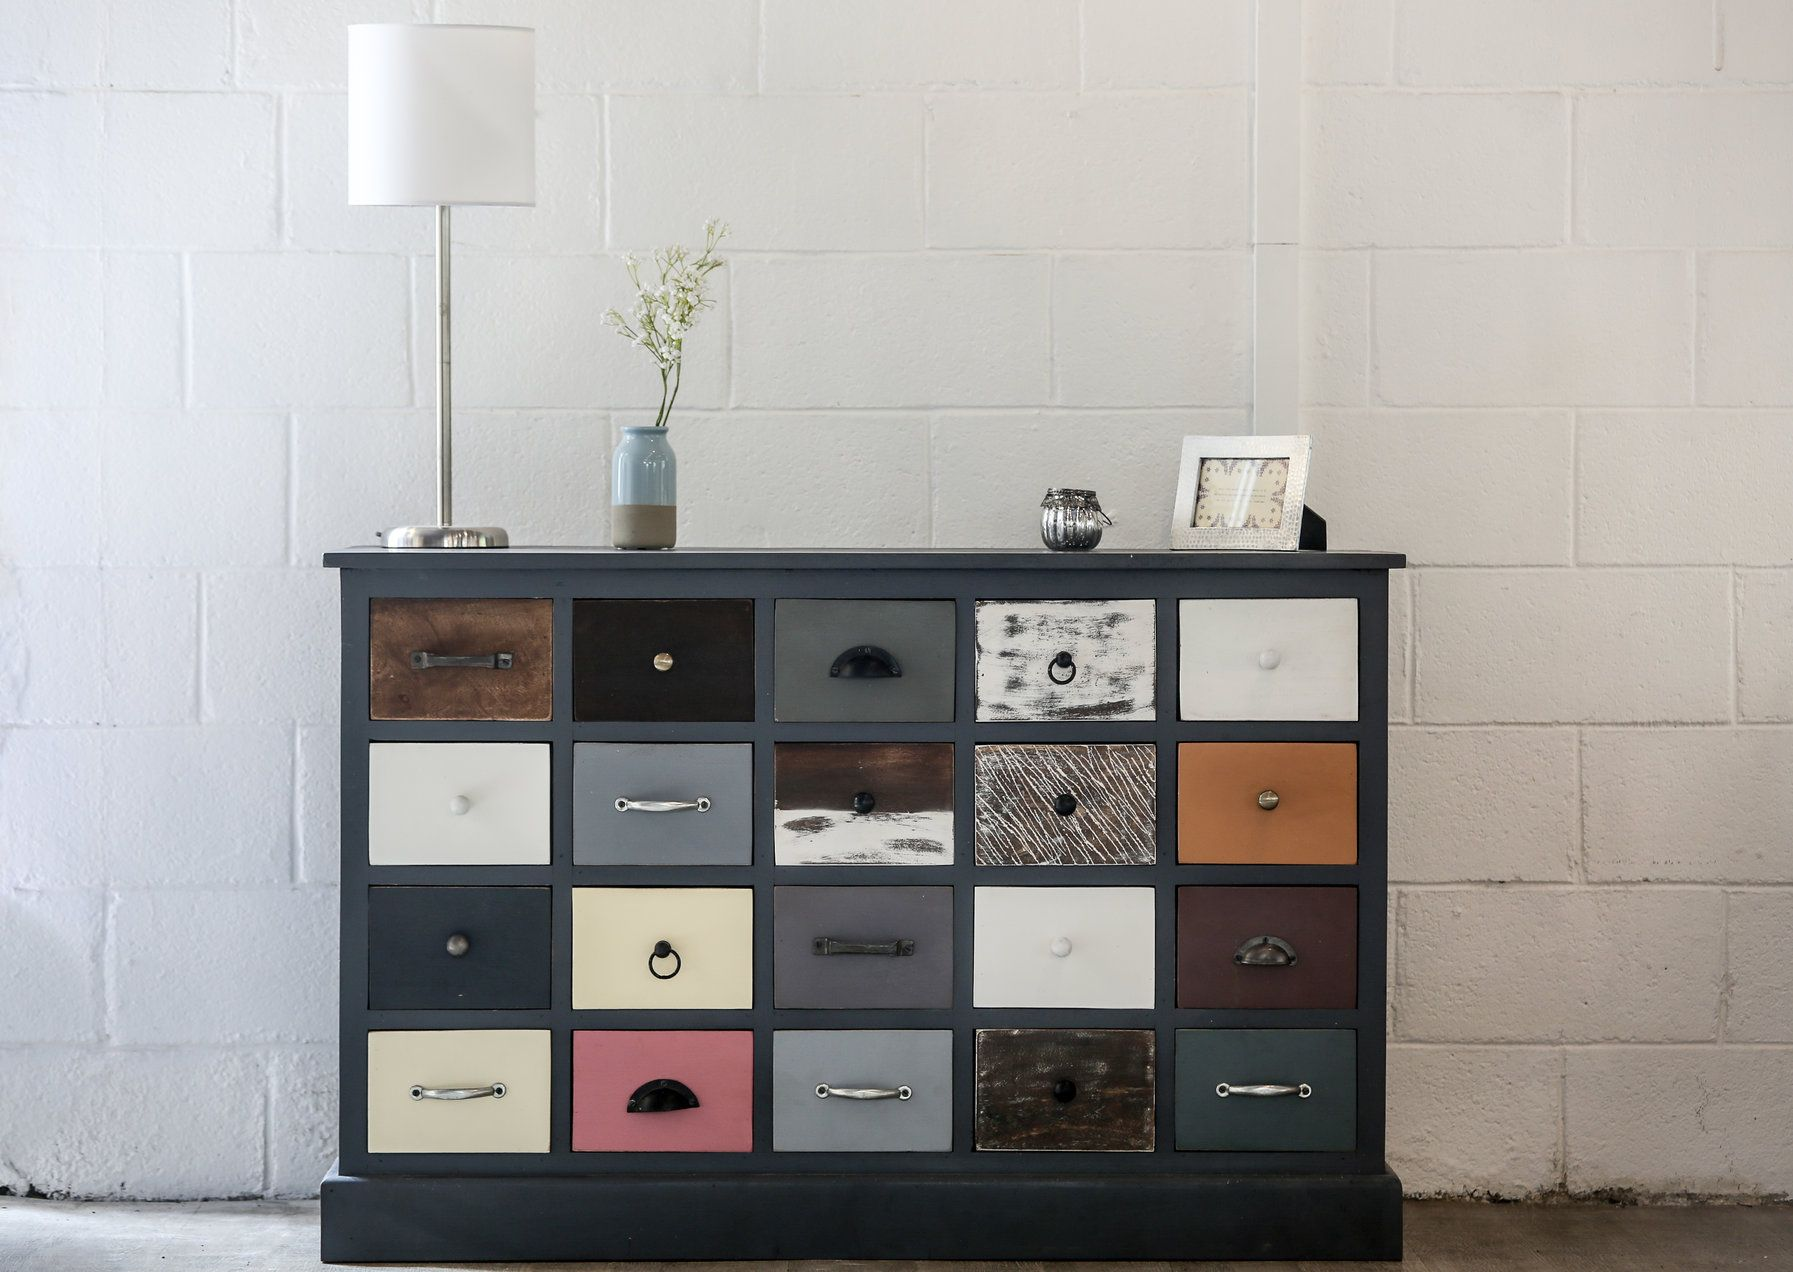 meuble design 20 tiroirs bois color pi ce exceptionnelle meuble raffin et pourvu de d tails. Black Bedroom Furniture Sets. Home Design Ideas